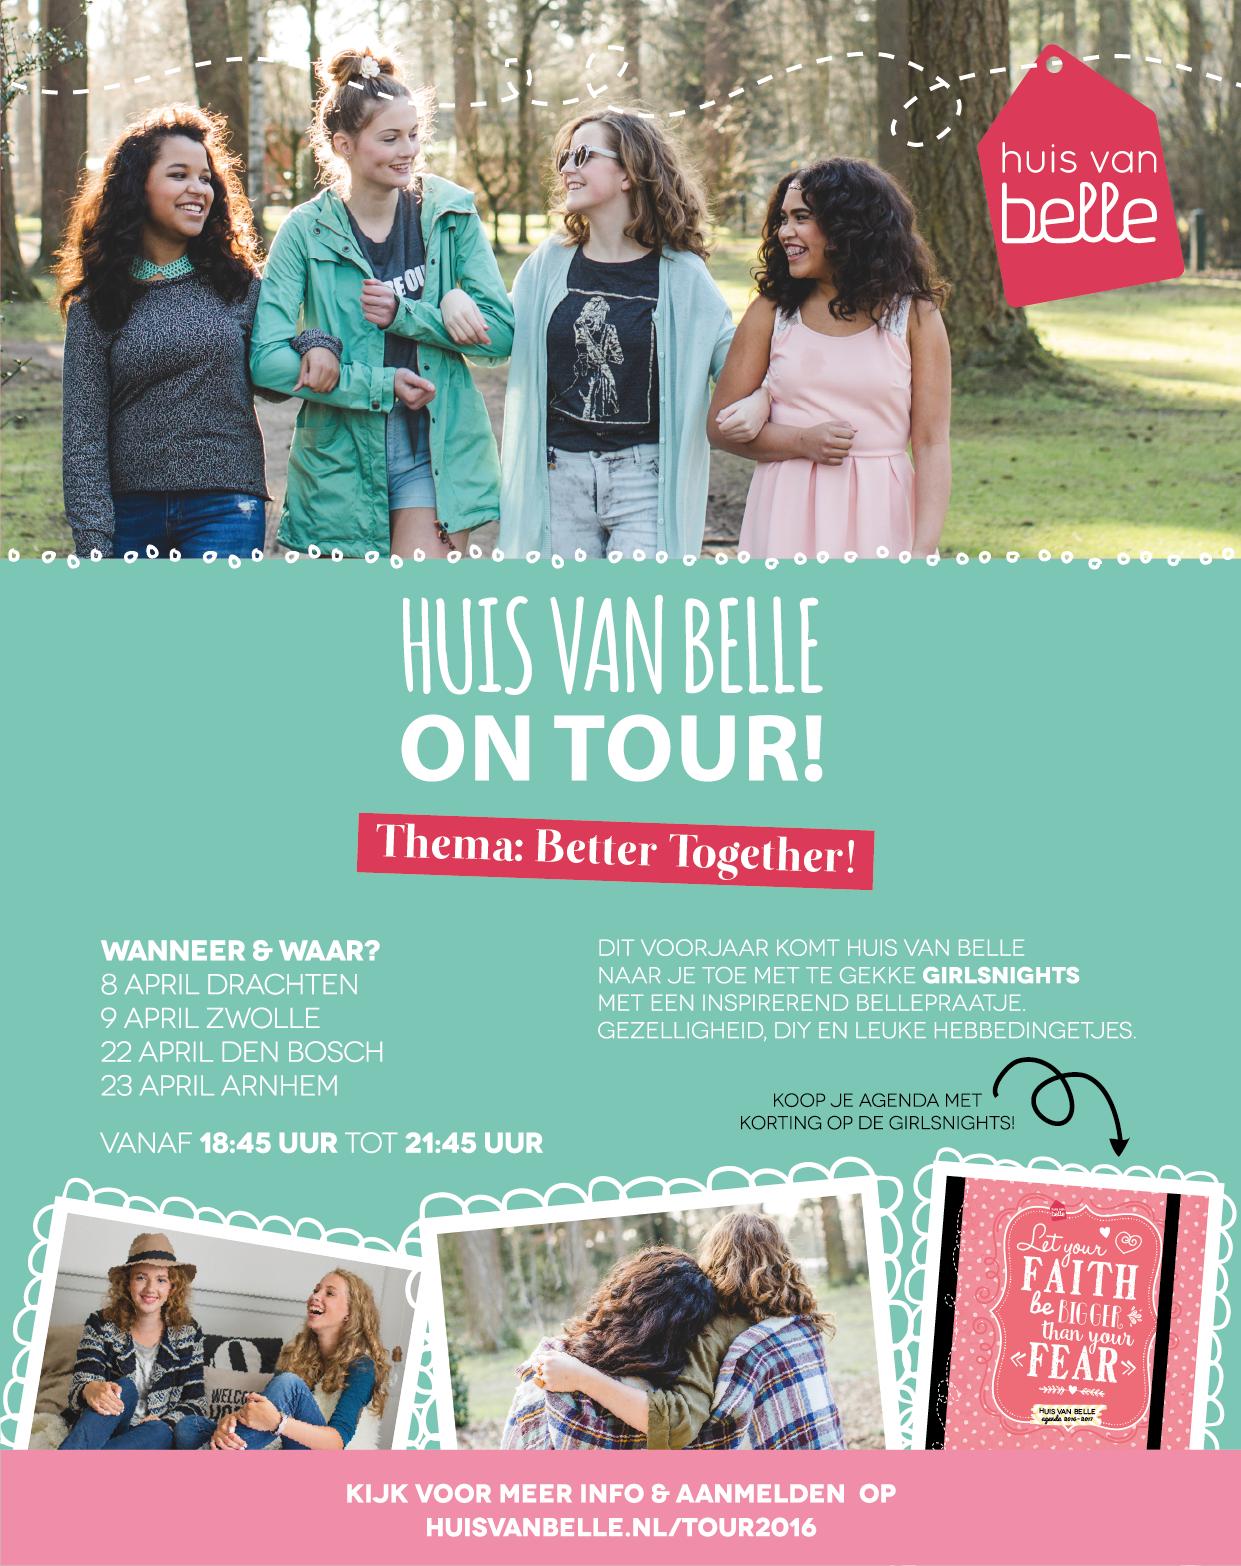 Advertentie Huis van Belle on tour